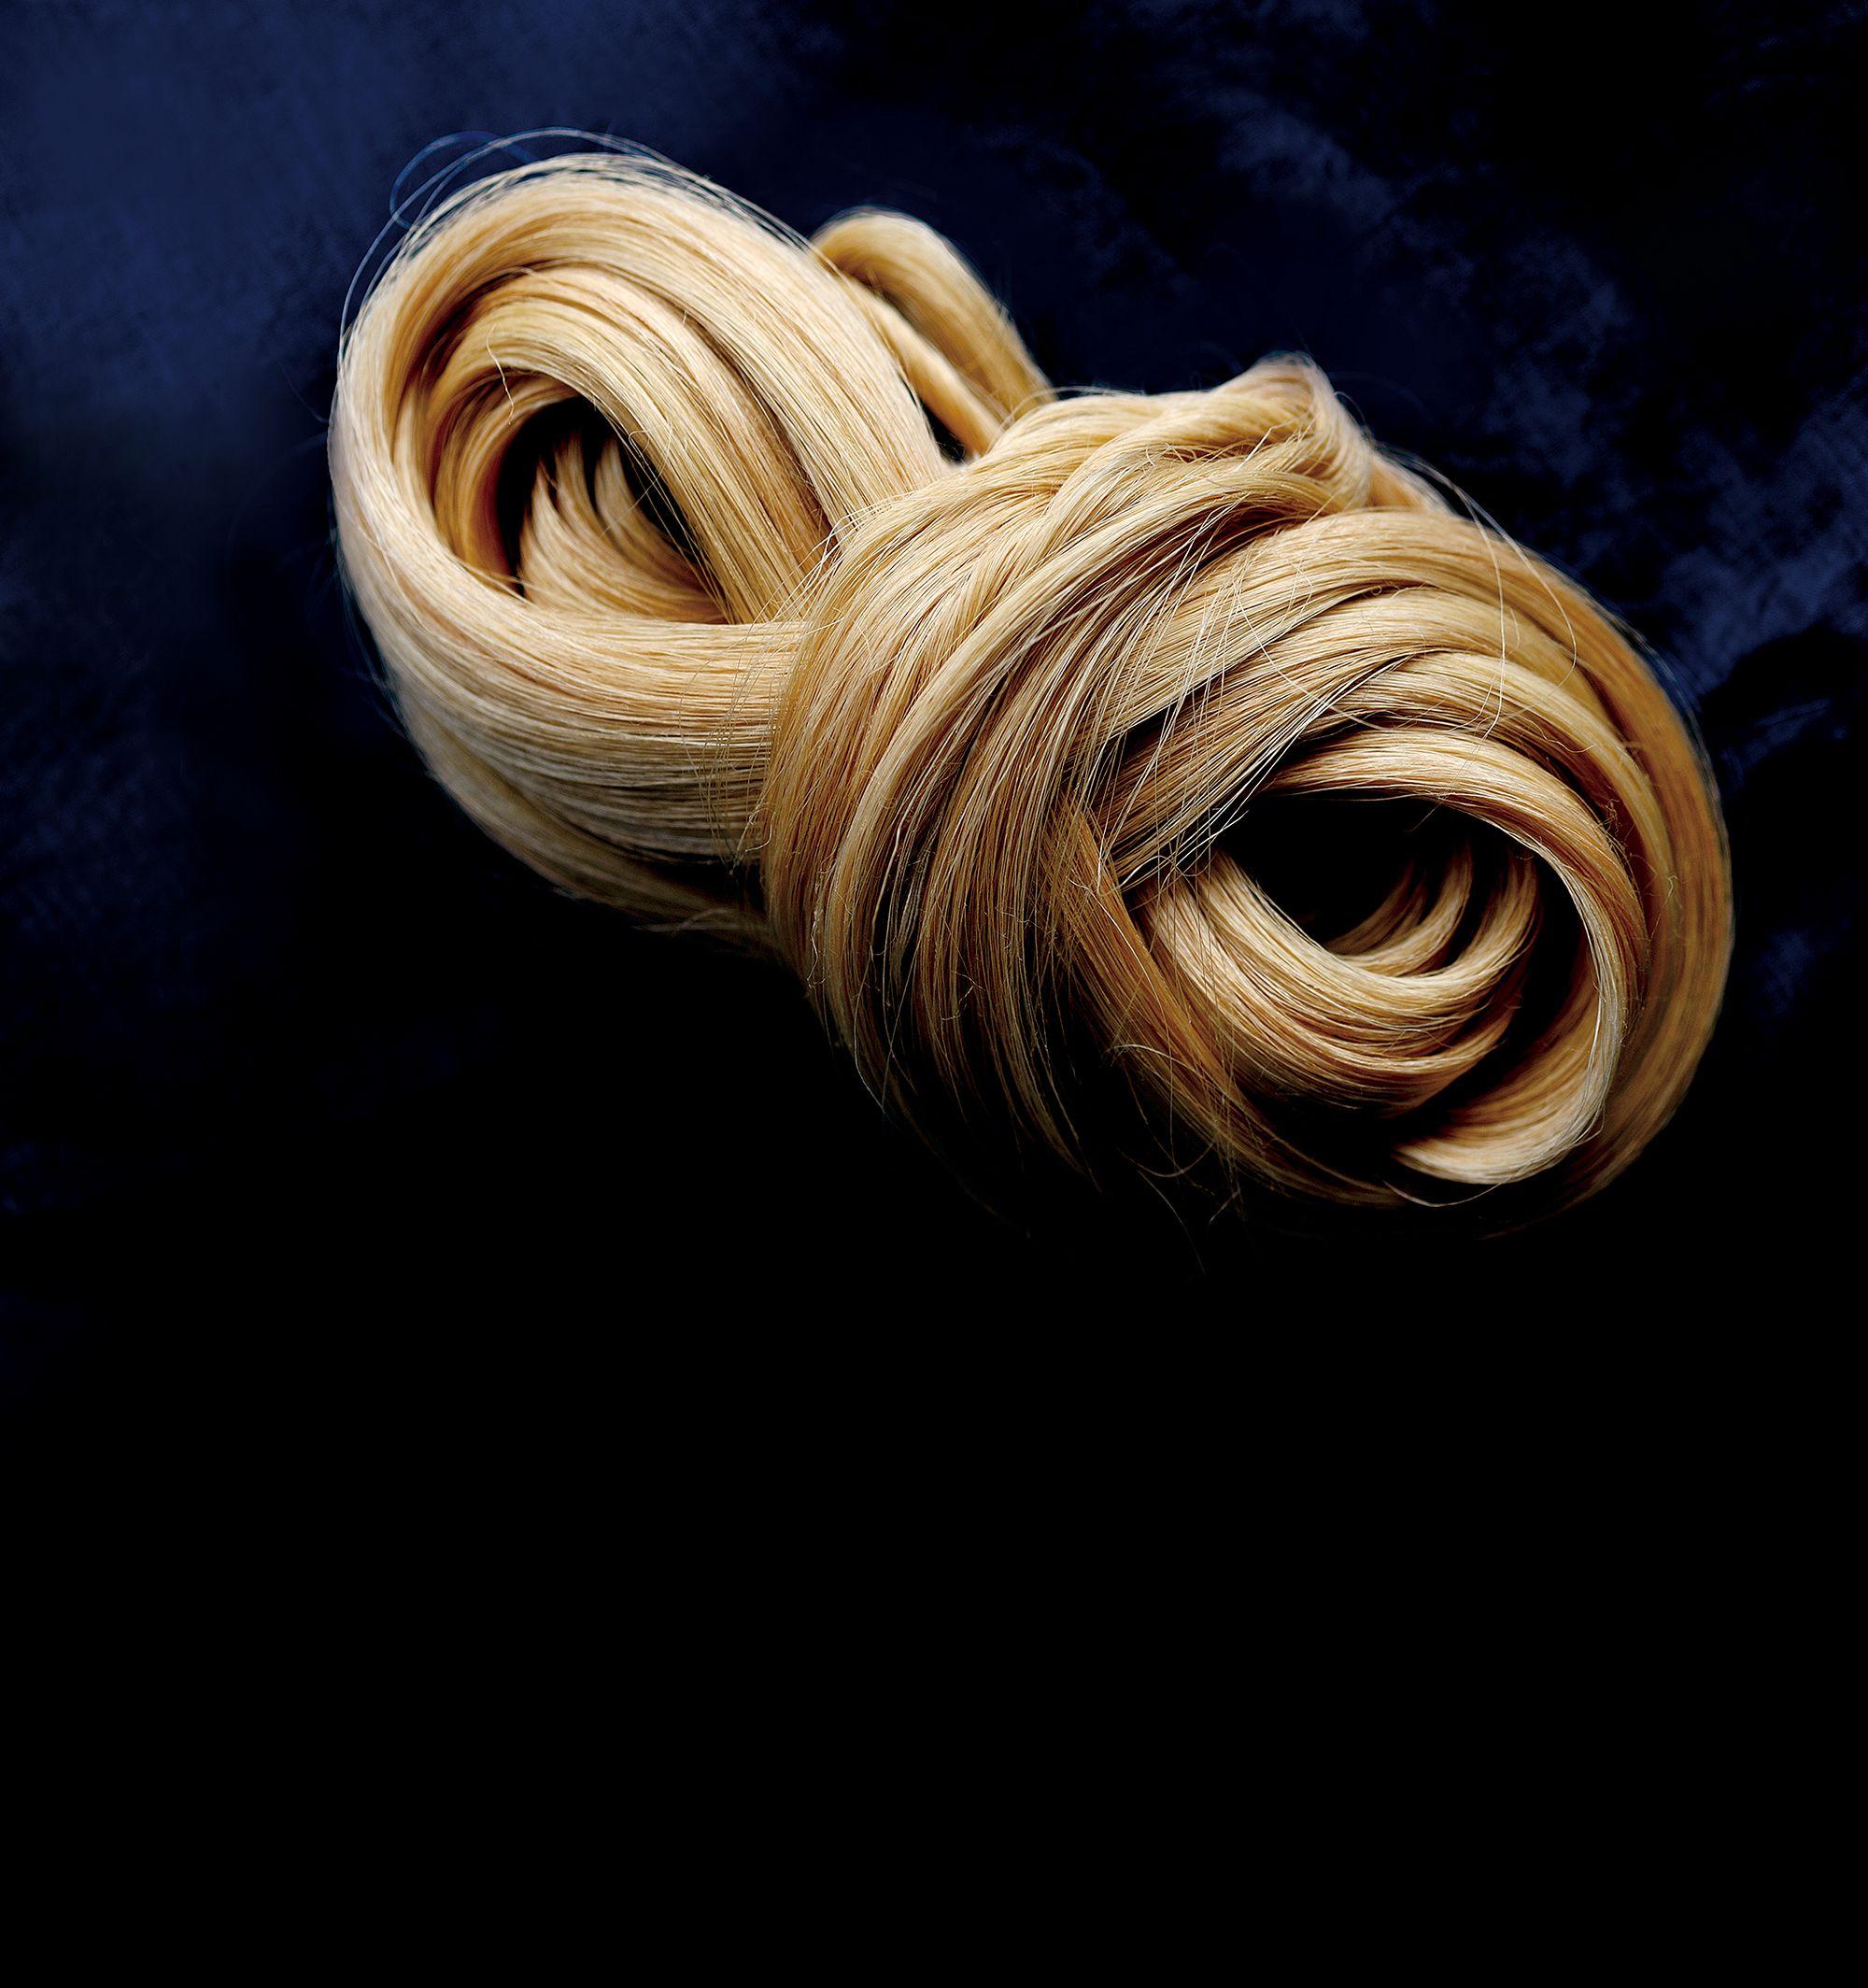 宮古上布の極細の糸は繊細でありながら、島のおばあの強い生命力を秘めている。写真提供:NPO法人織の海道実行委員会